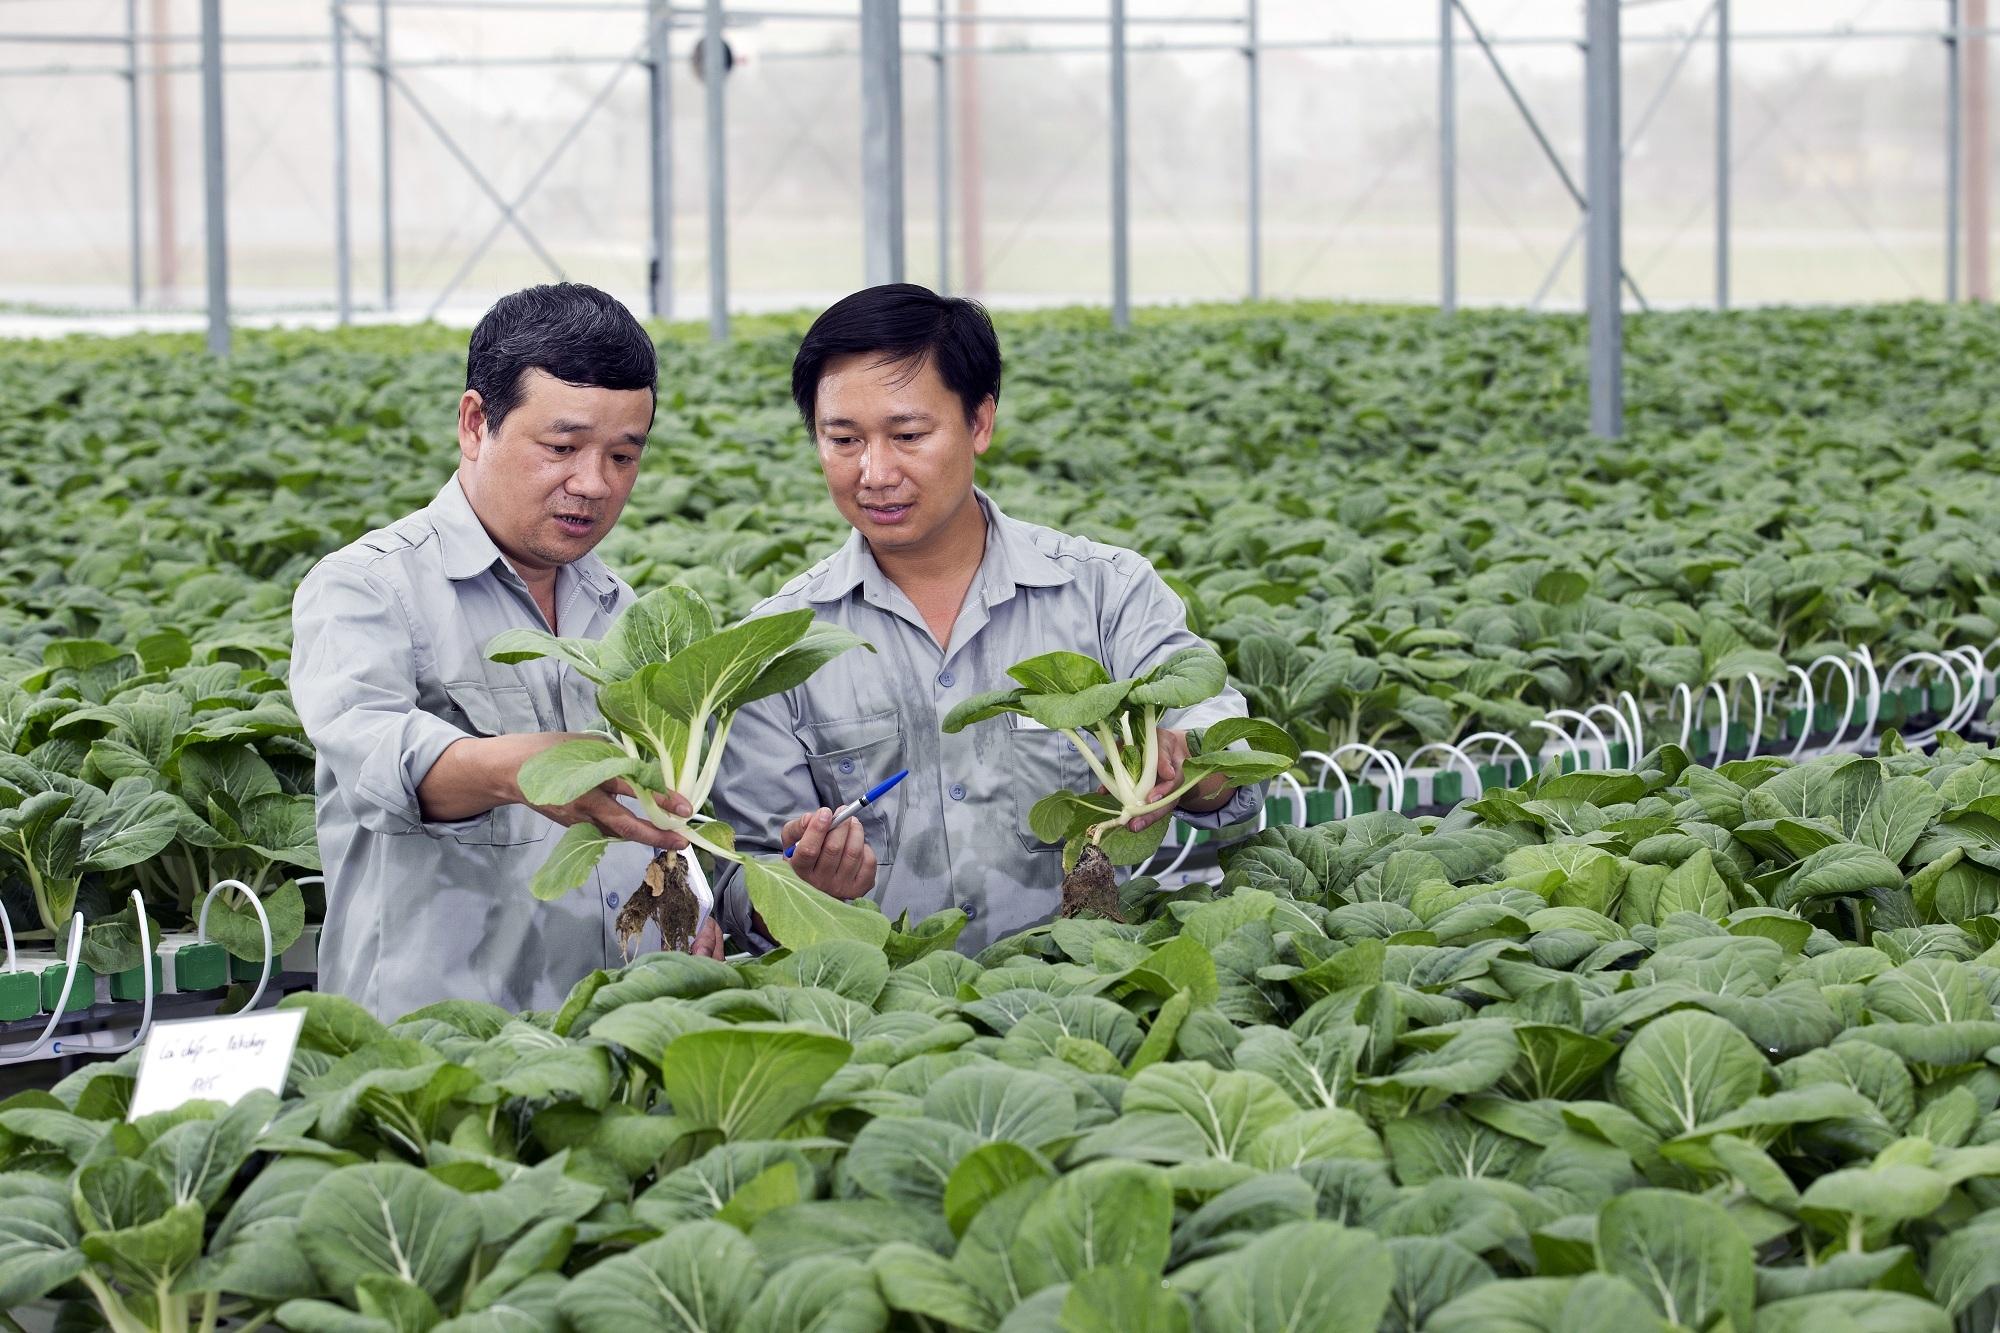 Hệ thống nhà kính rau mầm, rau thủy canh của VinEco đảm bảo năng suất ổn định, đáp ứng nhu cầu rau mầm sạch trong nước mà còn hướng tới xuất khẩu vào các thị trường quốc tế.